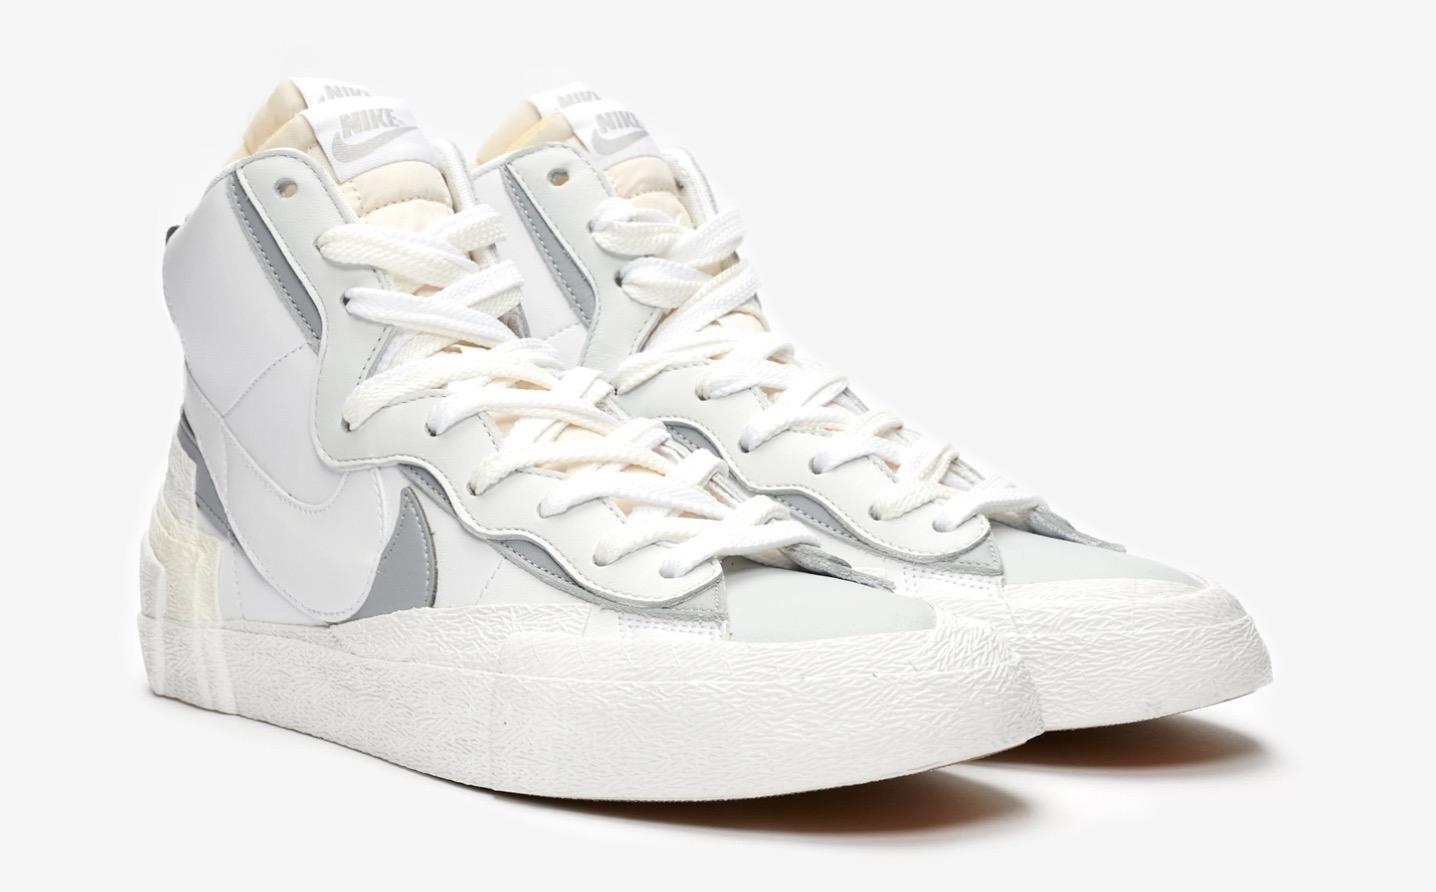 sacai x Nike Blazer Mid White | BV0072-100 1